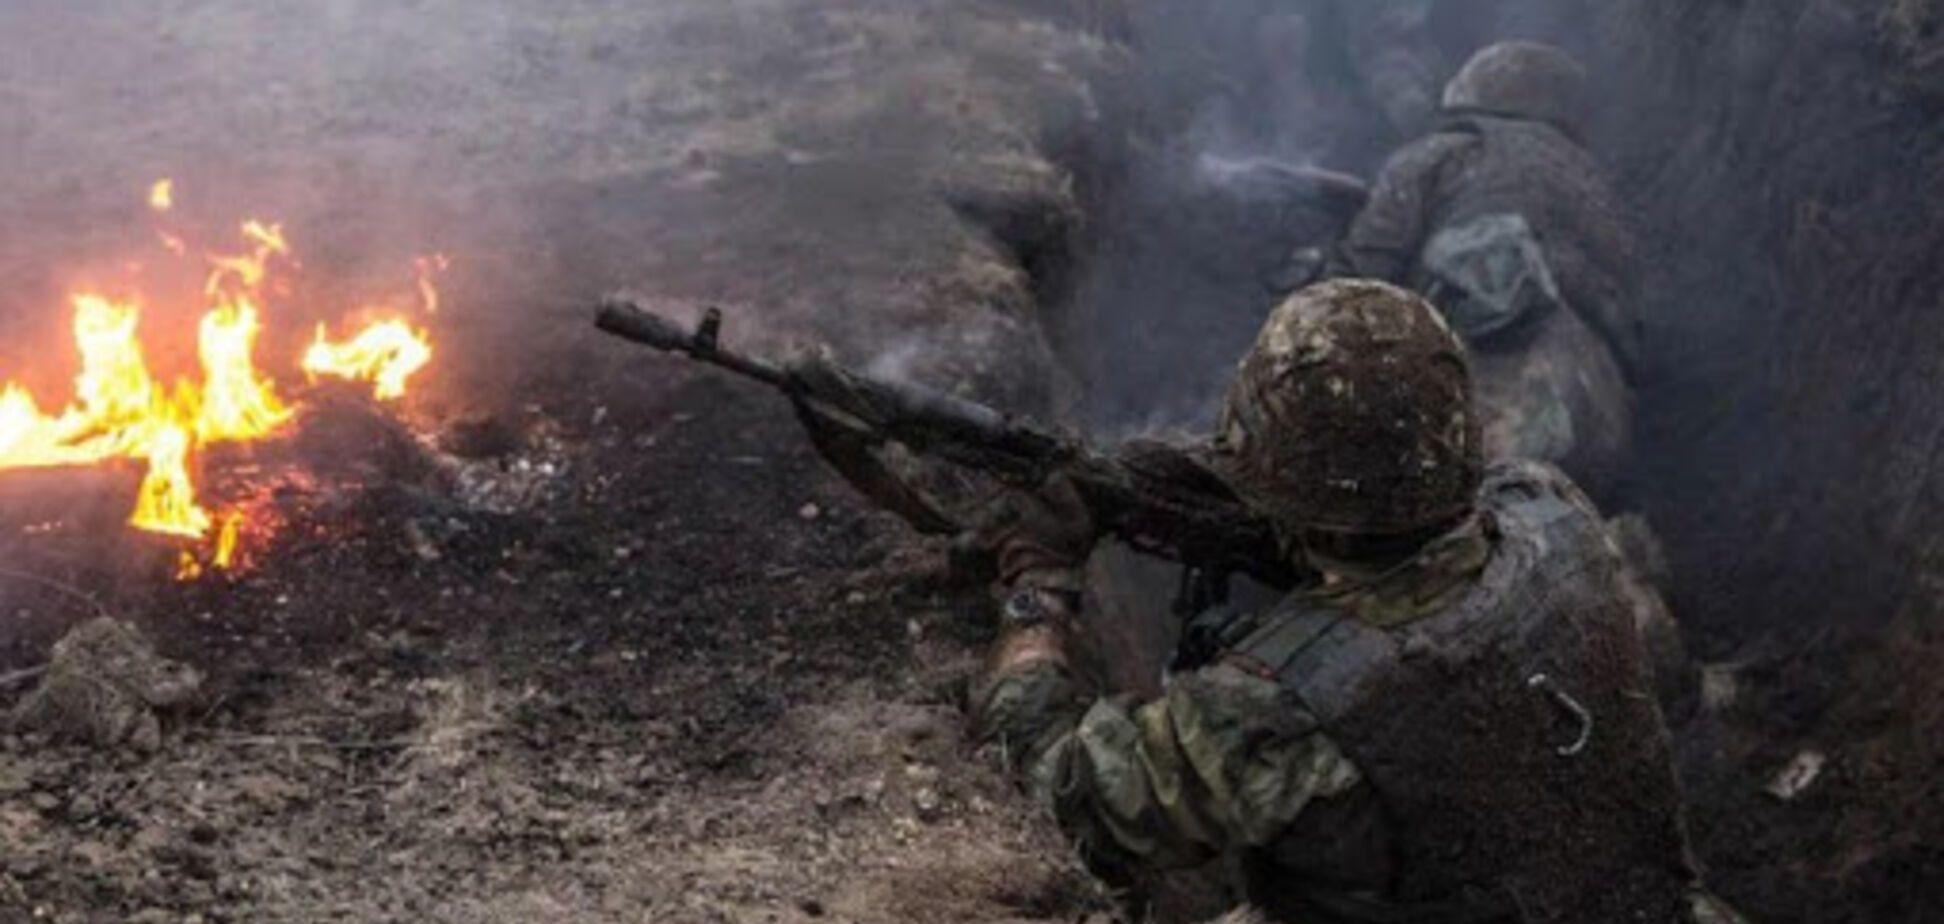 Террористы Путина развязали новые бои, ранен боец ВСУ